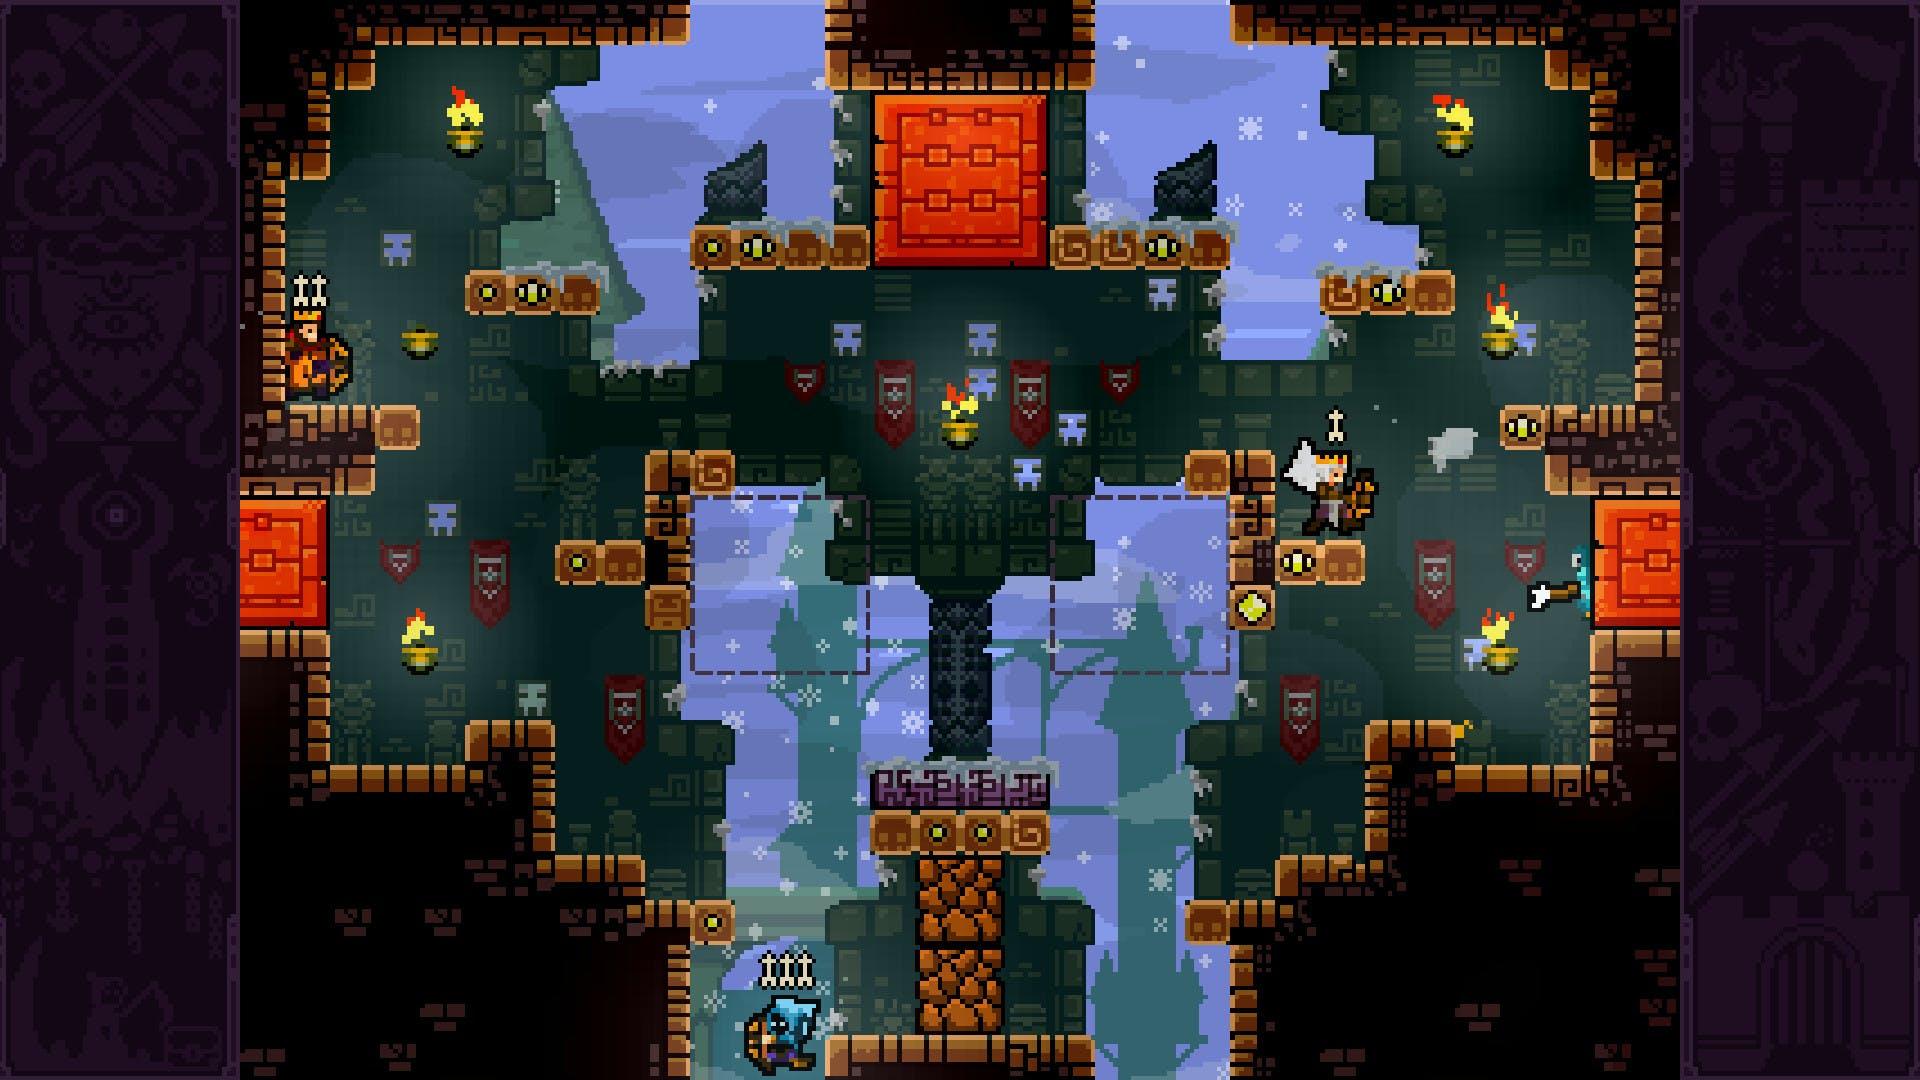 Bei Towerfall Ascension haben die Teilnehmer nur wenige Pfeile zu gewinnen.